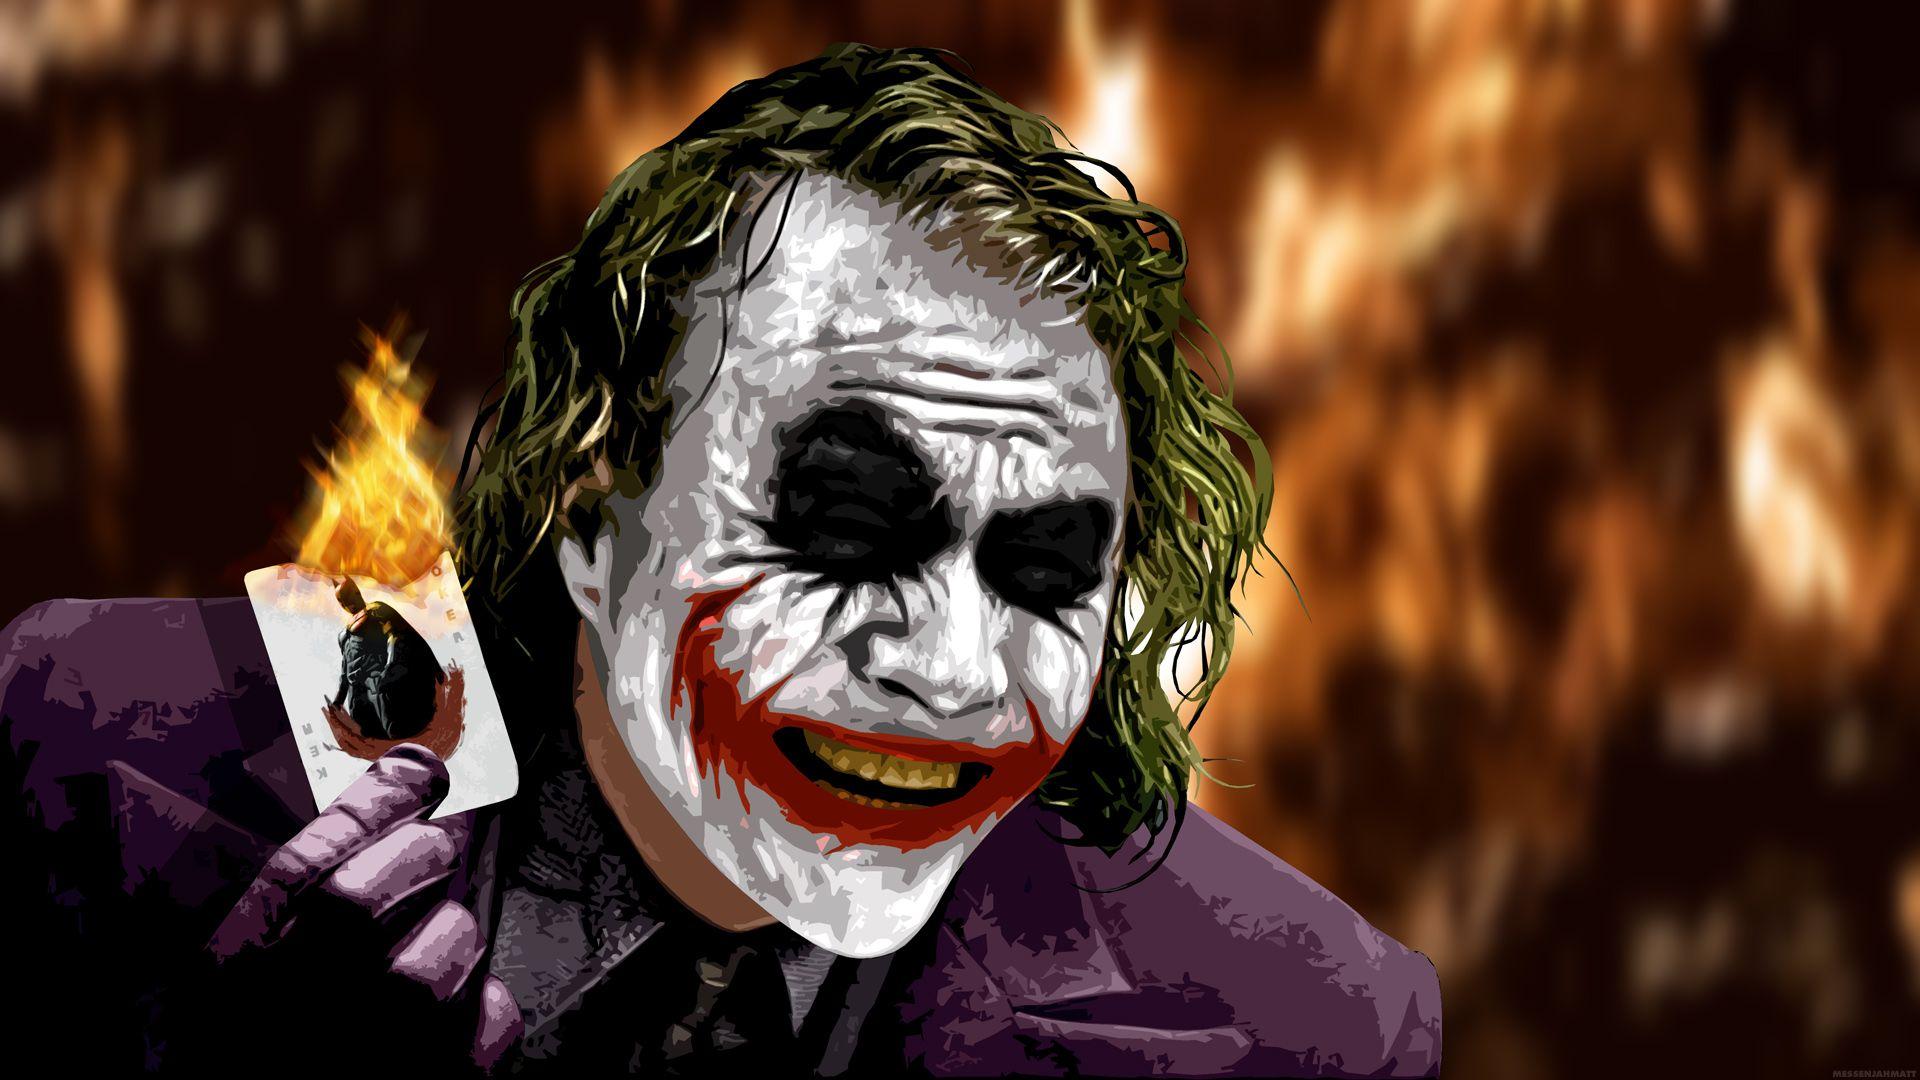 The Joker Photo